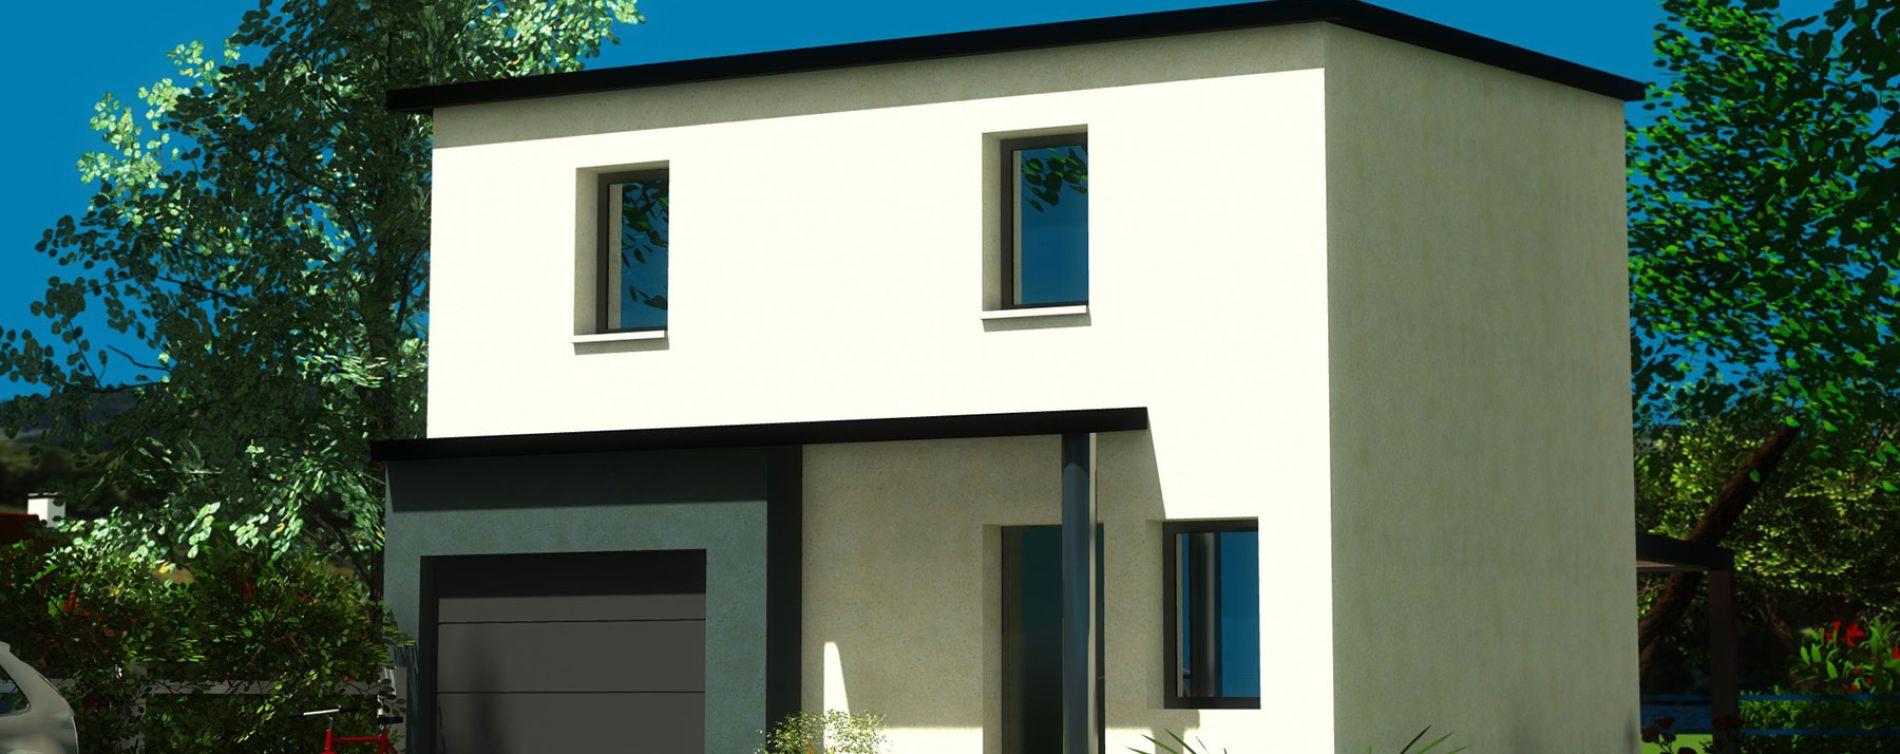 Lesneven : programme immobilier neuve « Cleusmeur » (2)